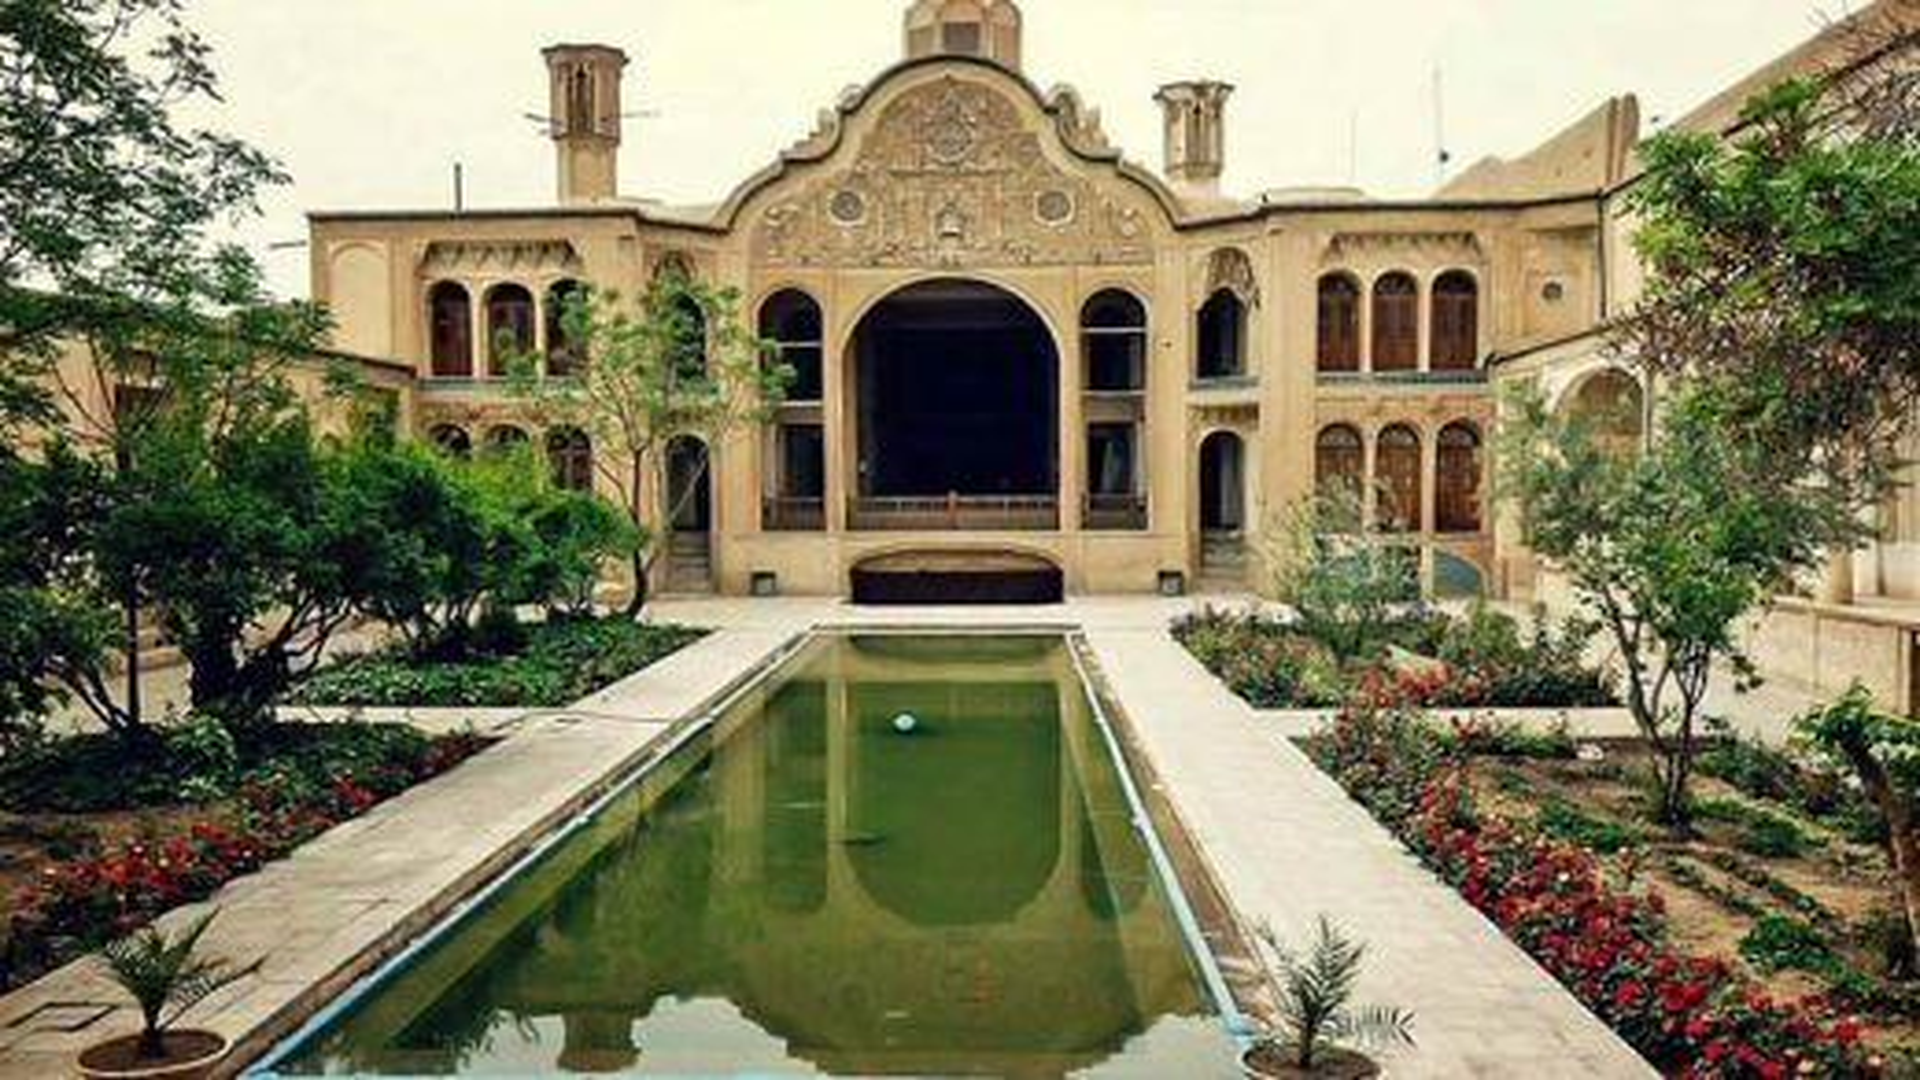 خانه ی زیبا و تاریخی بروجردی ها در شهر کاشان | فیلم